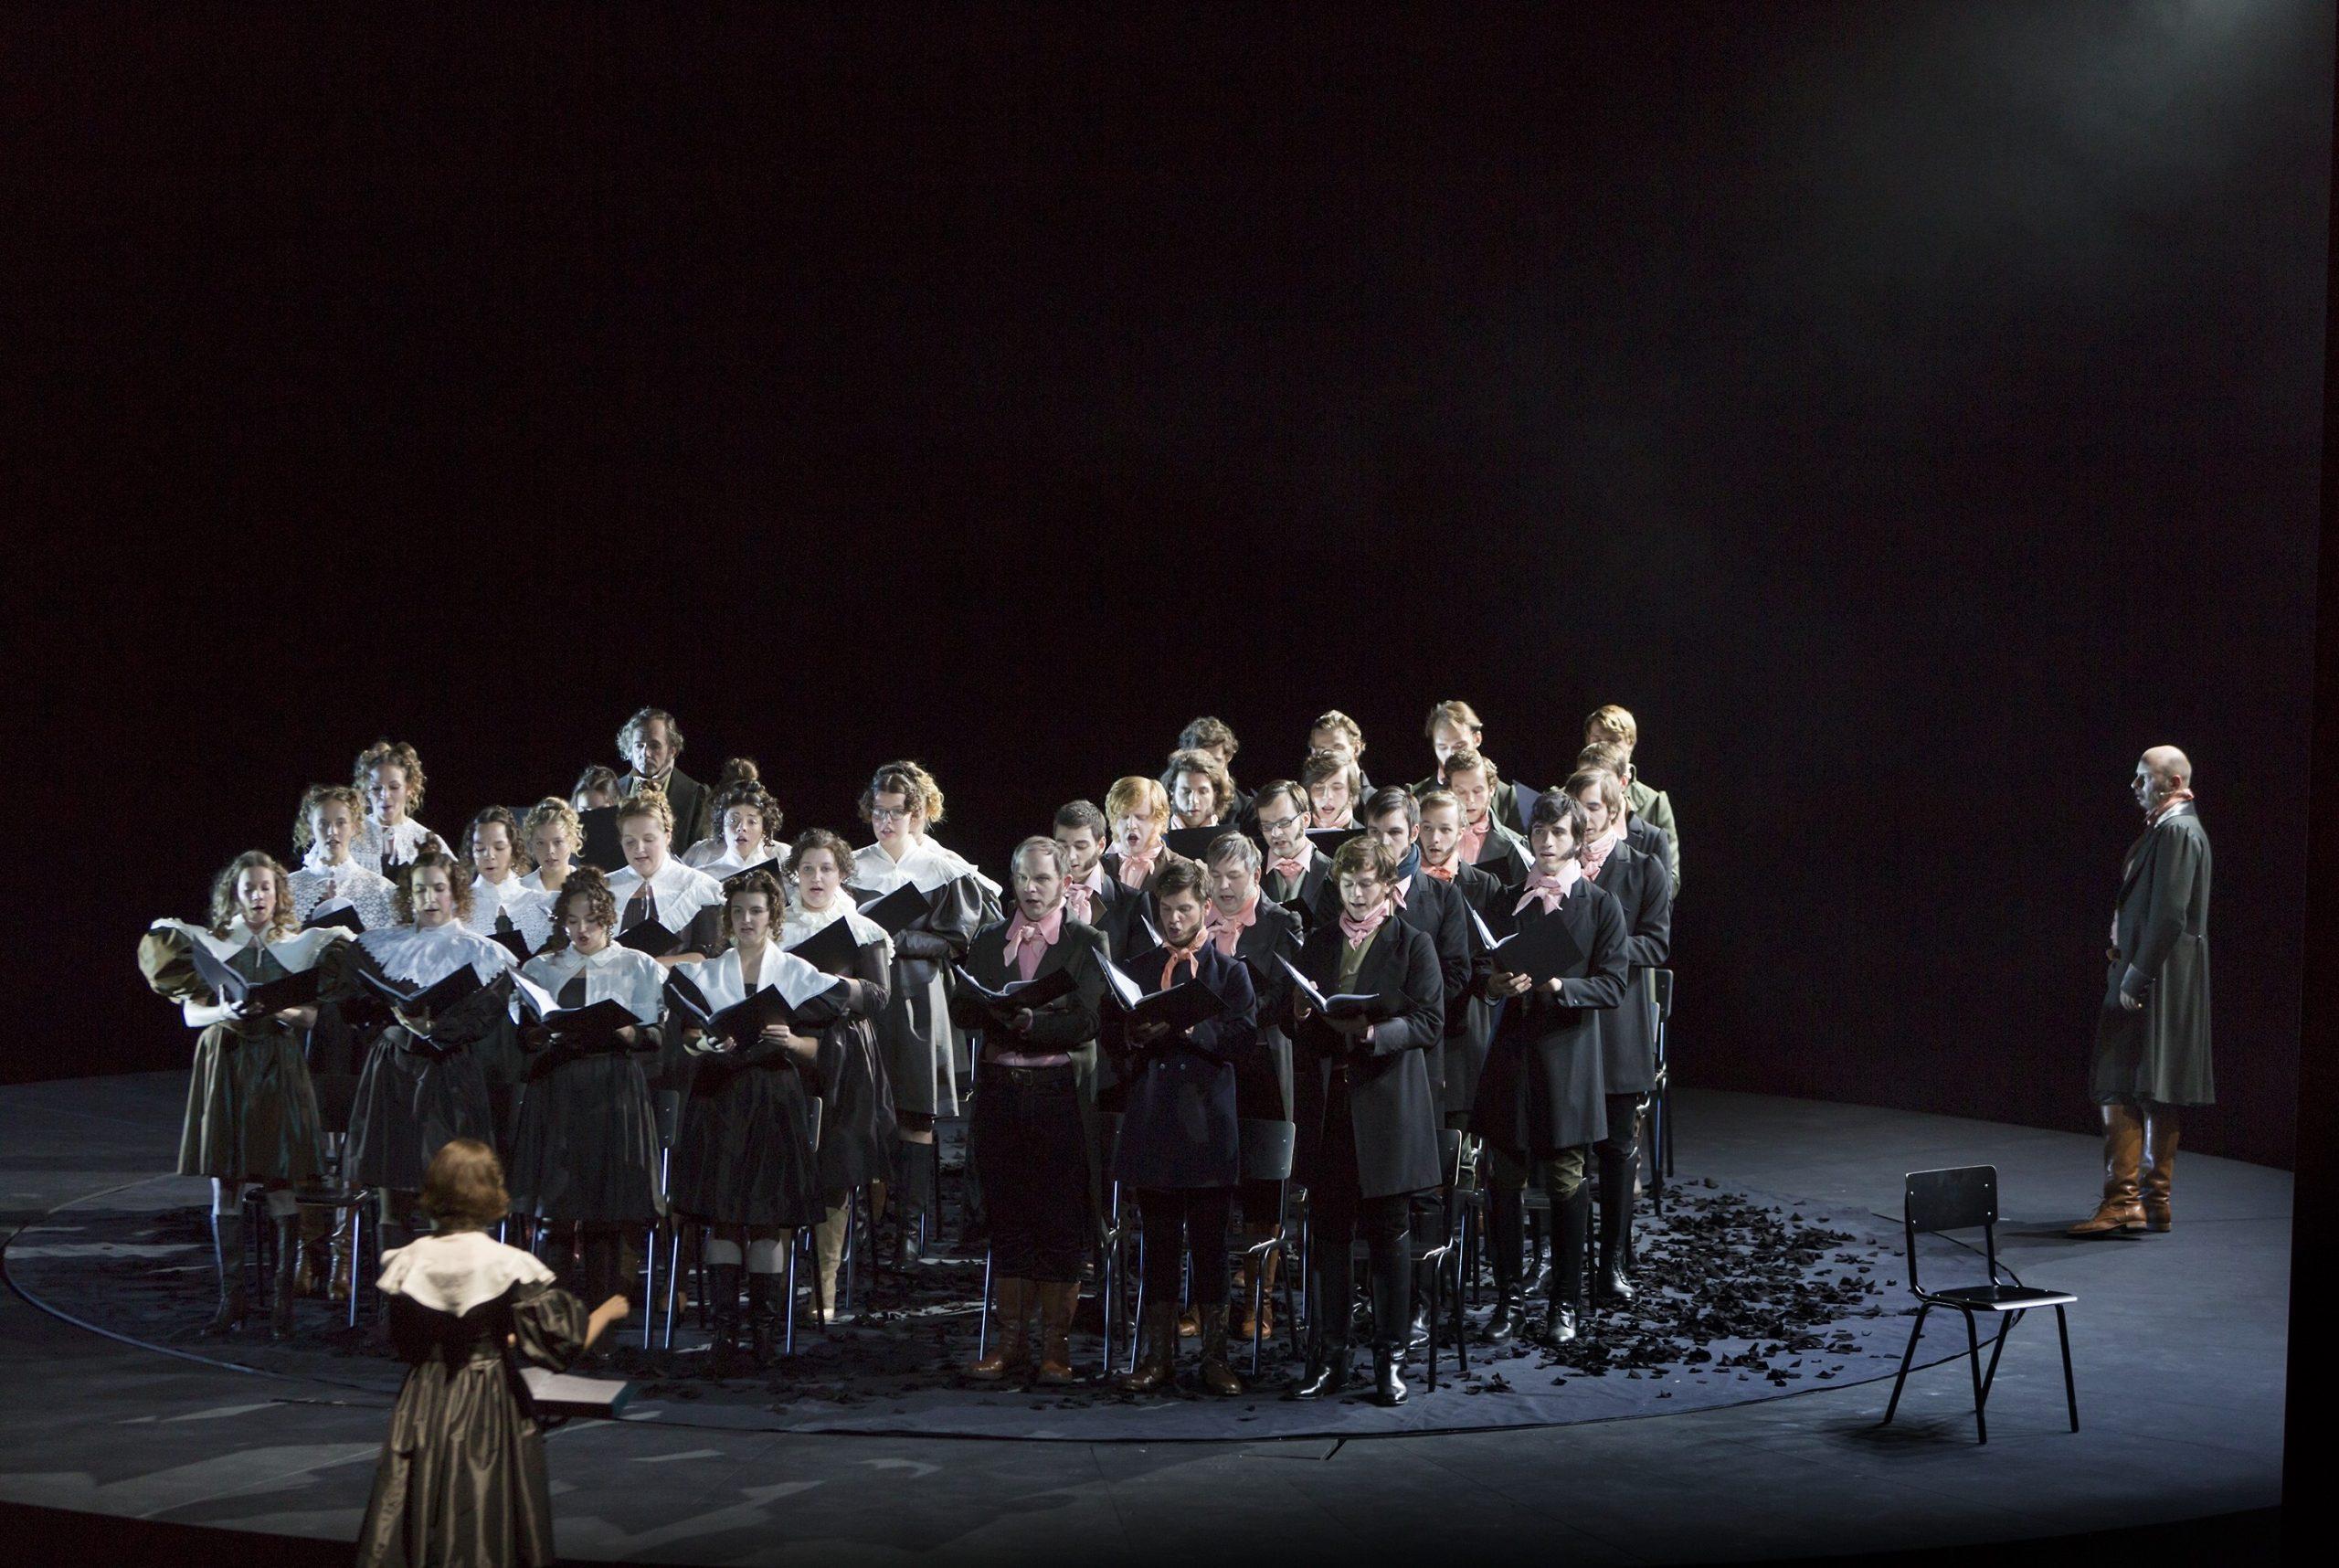 © Rolf Arnold, Faust. Auf einer schwarzen Bühne steht der Chor, der aus 19 Männern und 16 Frauen besteht, die in historischer dunkler Kleidung getrennt voneinander stehen und große schwarze aufgeklappte Bücher halten. Vor ihnen steht eine Frau und mit Abstand ein älterer Mann, der in die Ferne schaut